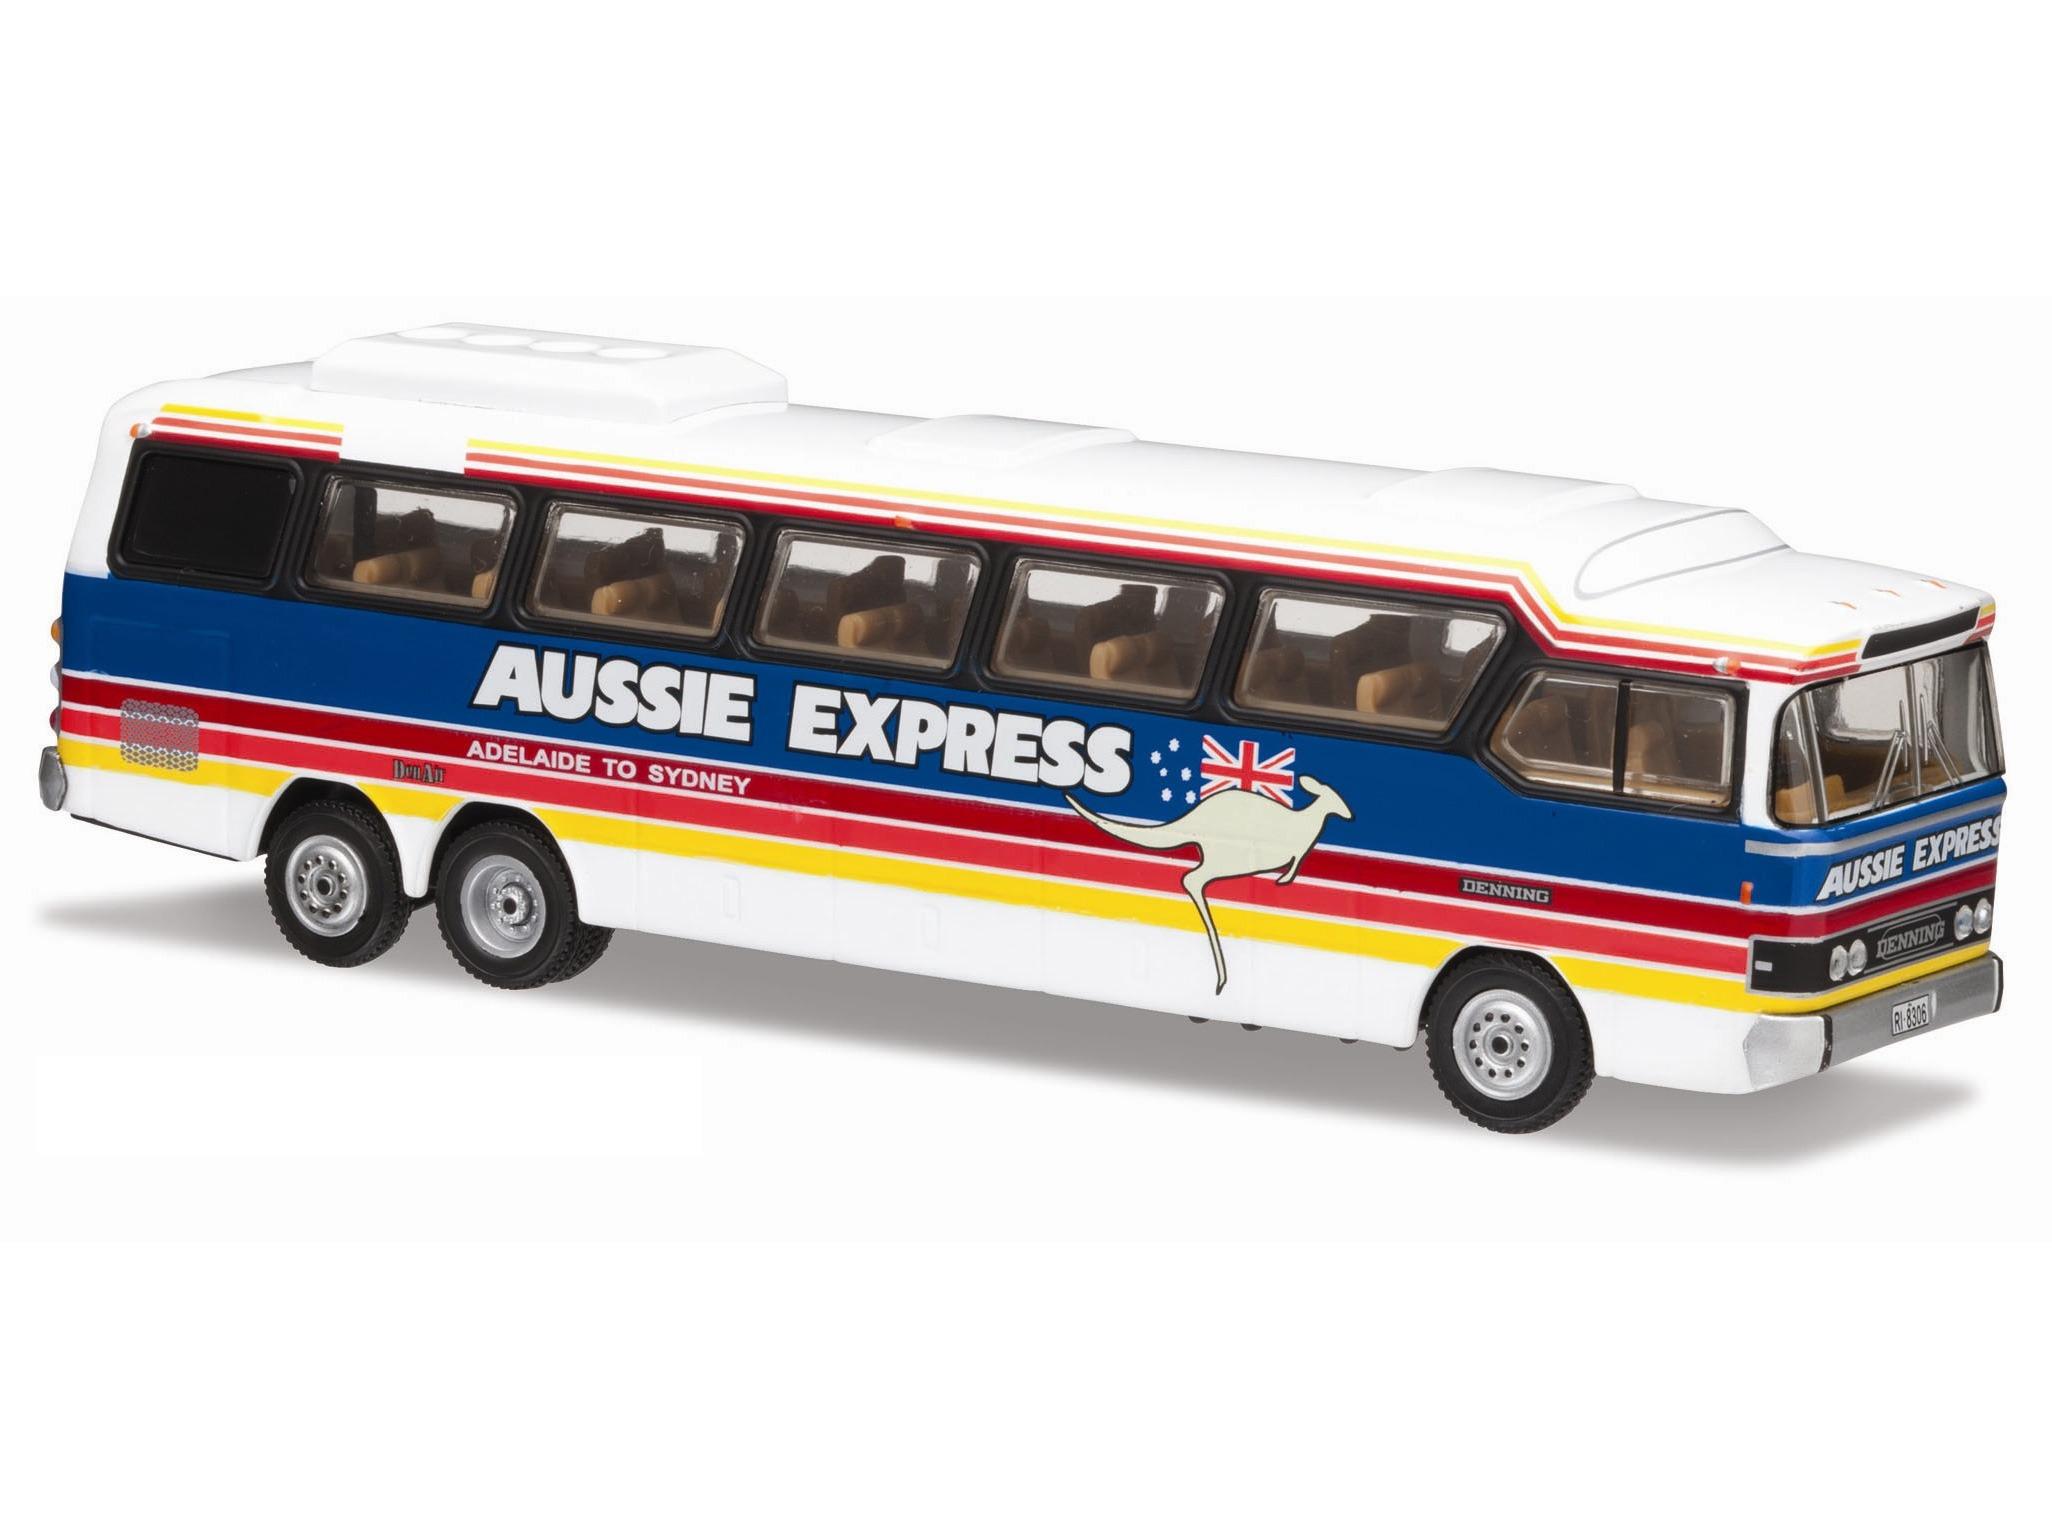 1980 Denning Mono Coach – Aussie Express